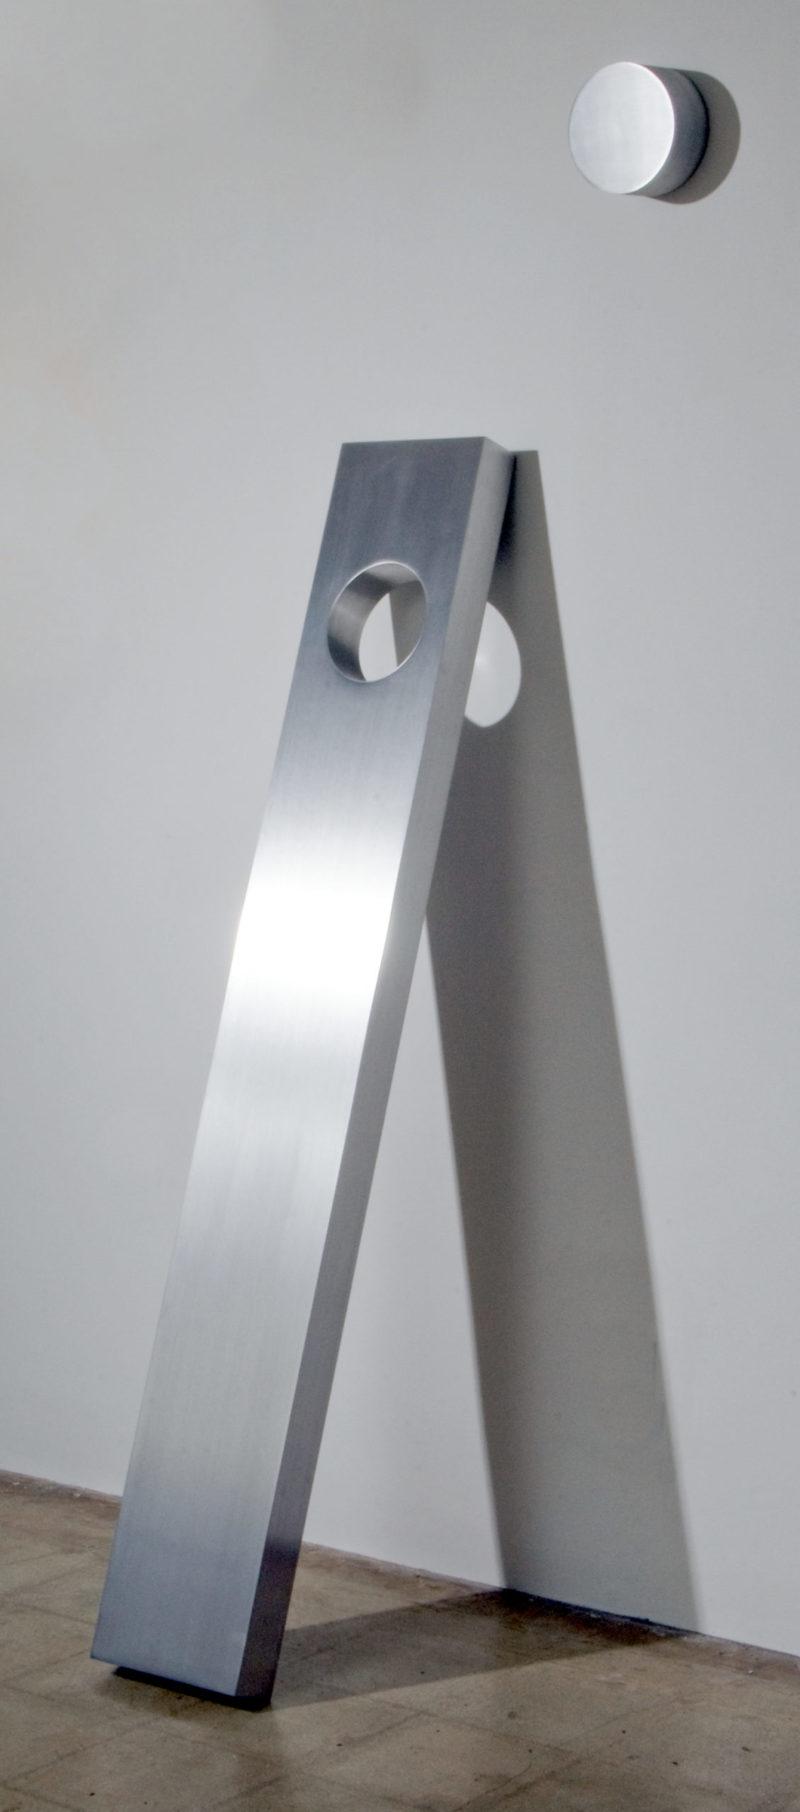 Lori Cozen-Geller - Cercle de vie - Acier inoxydable brossé - 152 x 23 x 8 cm - unique - 2020